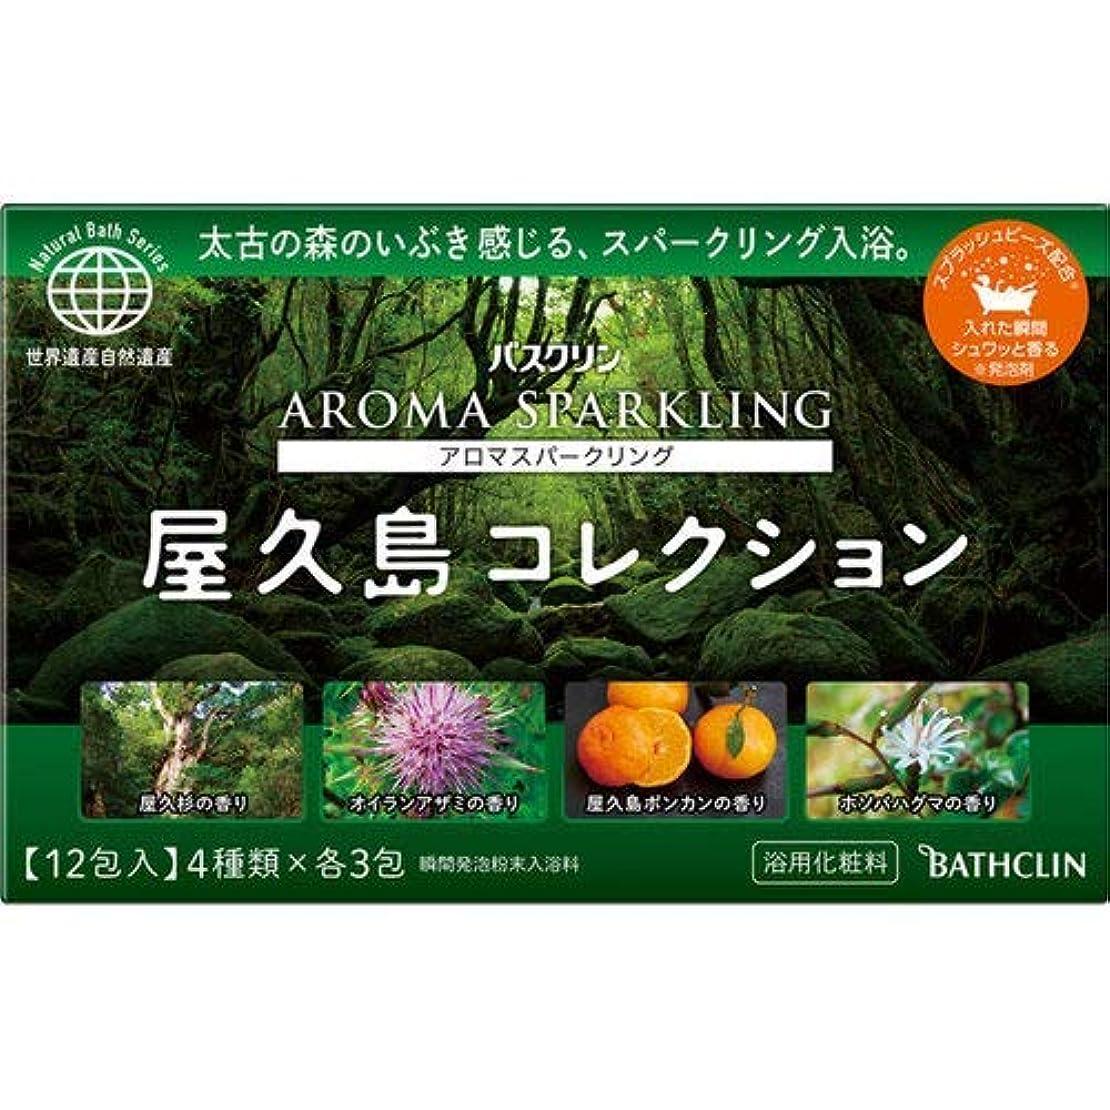 バスクリン アロマスパークリング 屋久島コレクション 30g×12包 × 8個セット